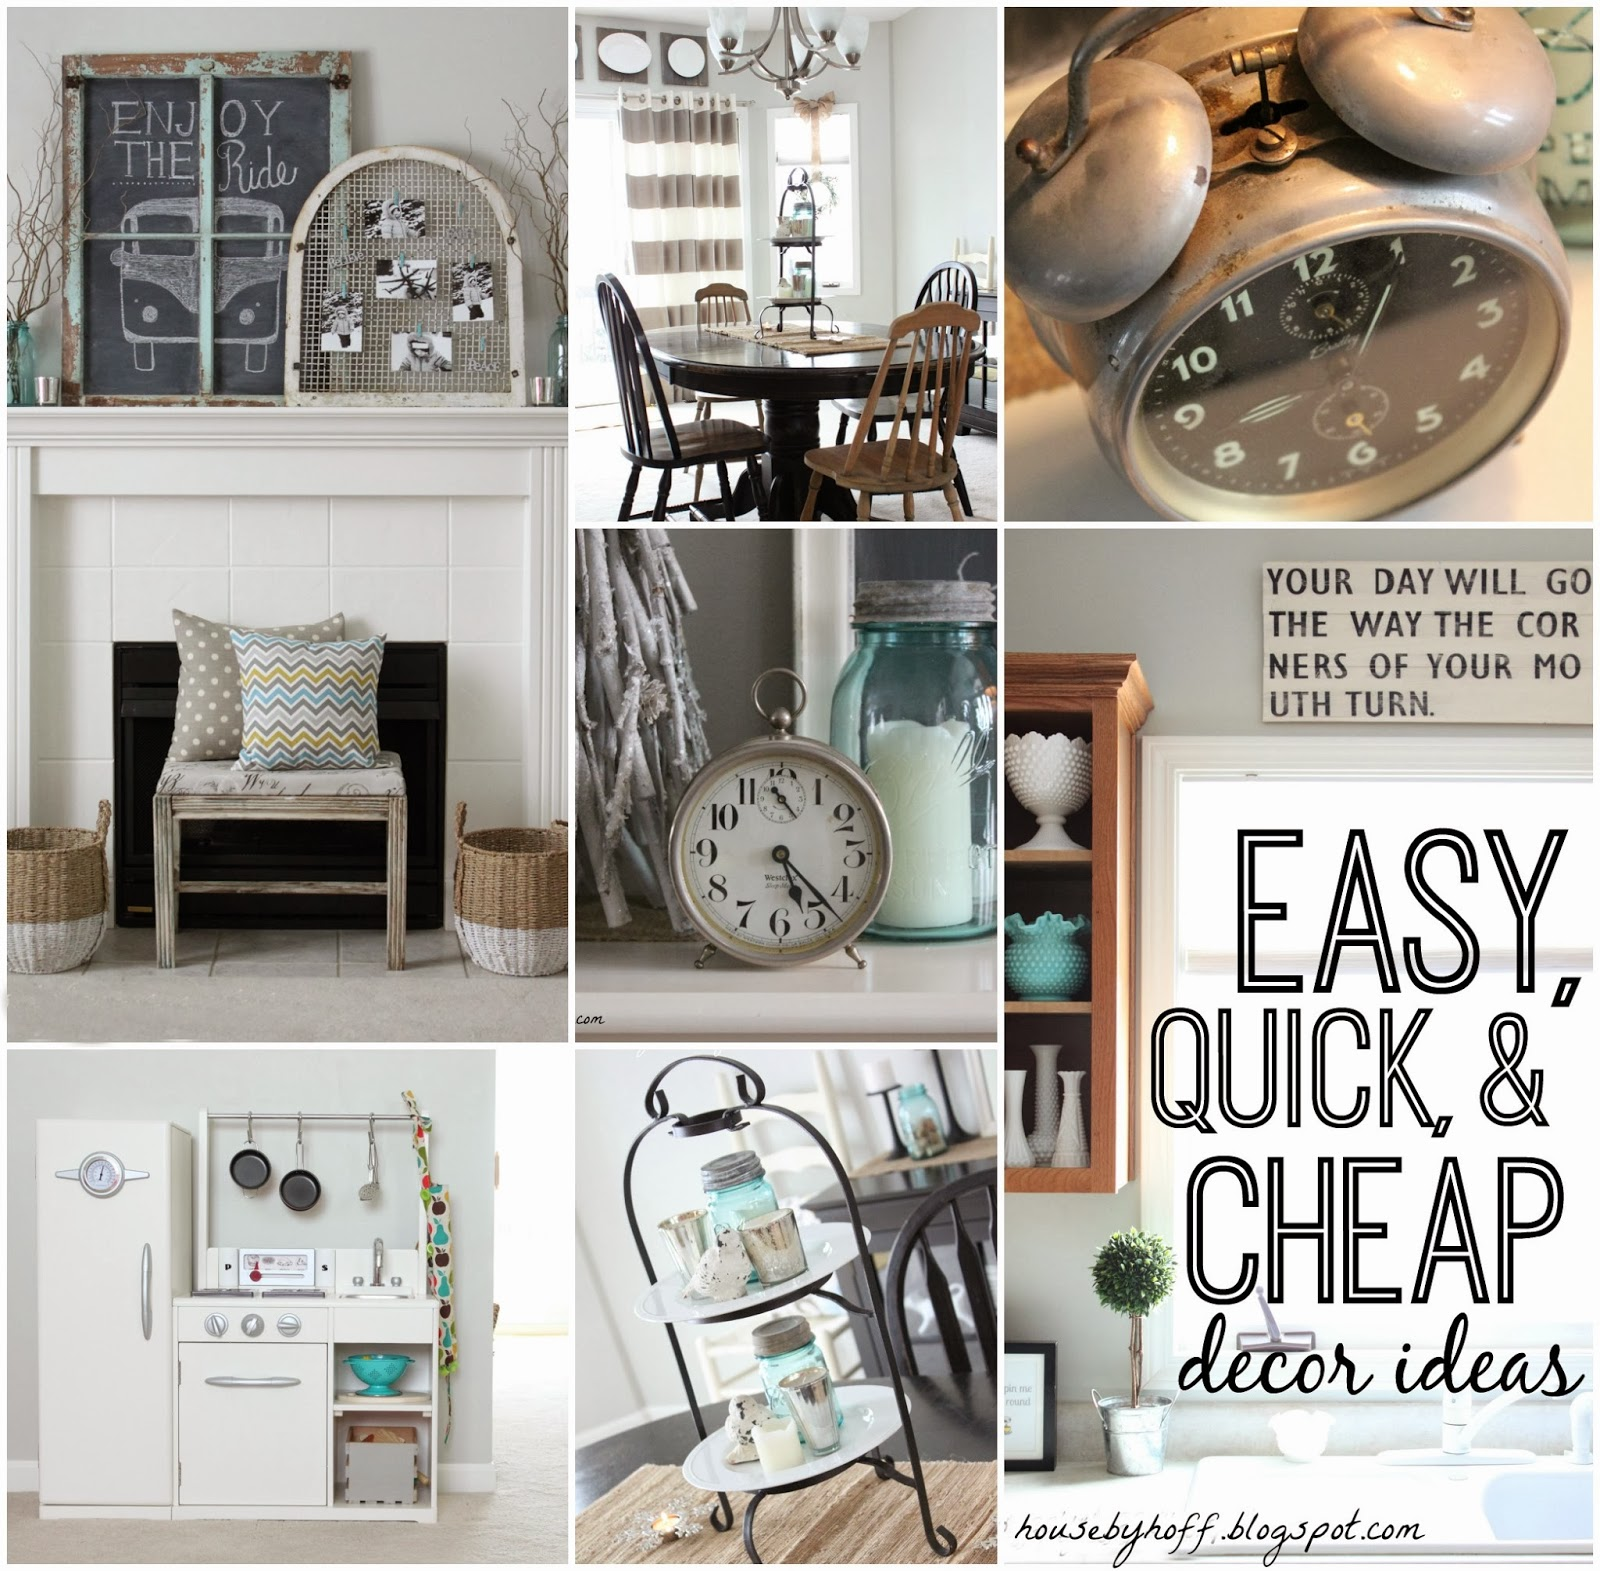 Home Decor Ideas On A Budget Blog Part - 37: Easy Quick And Cheap Decor Ideas Via Housebyhoff.com